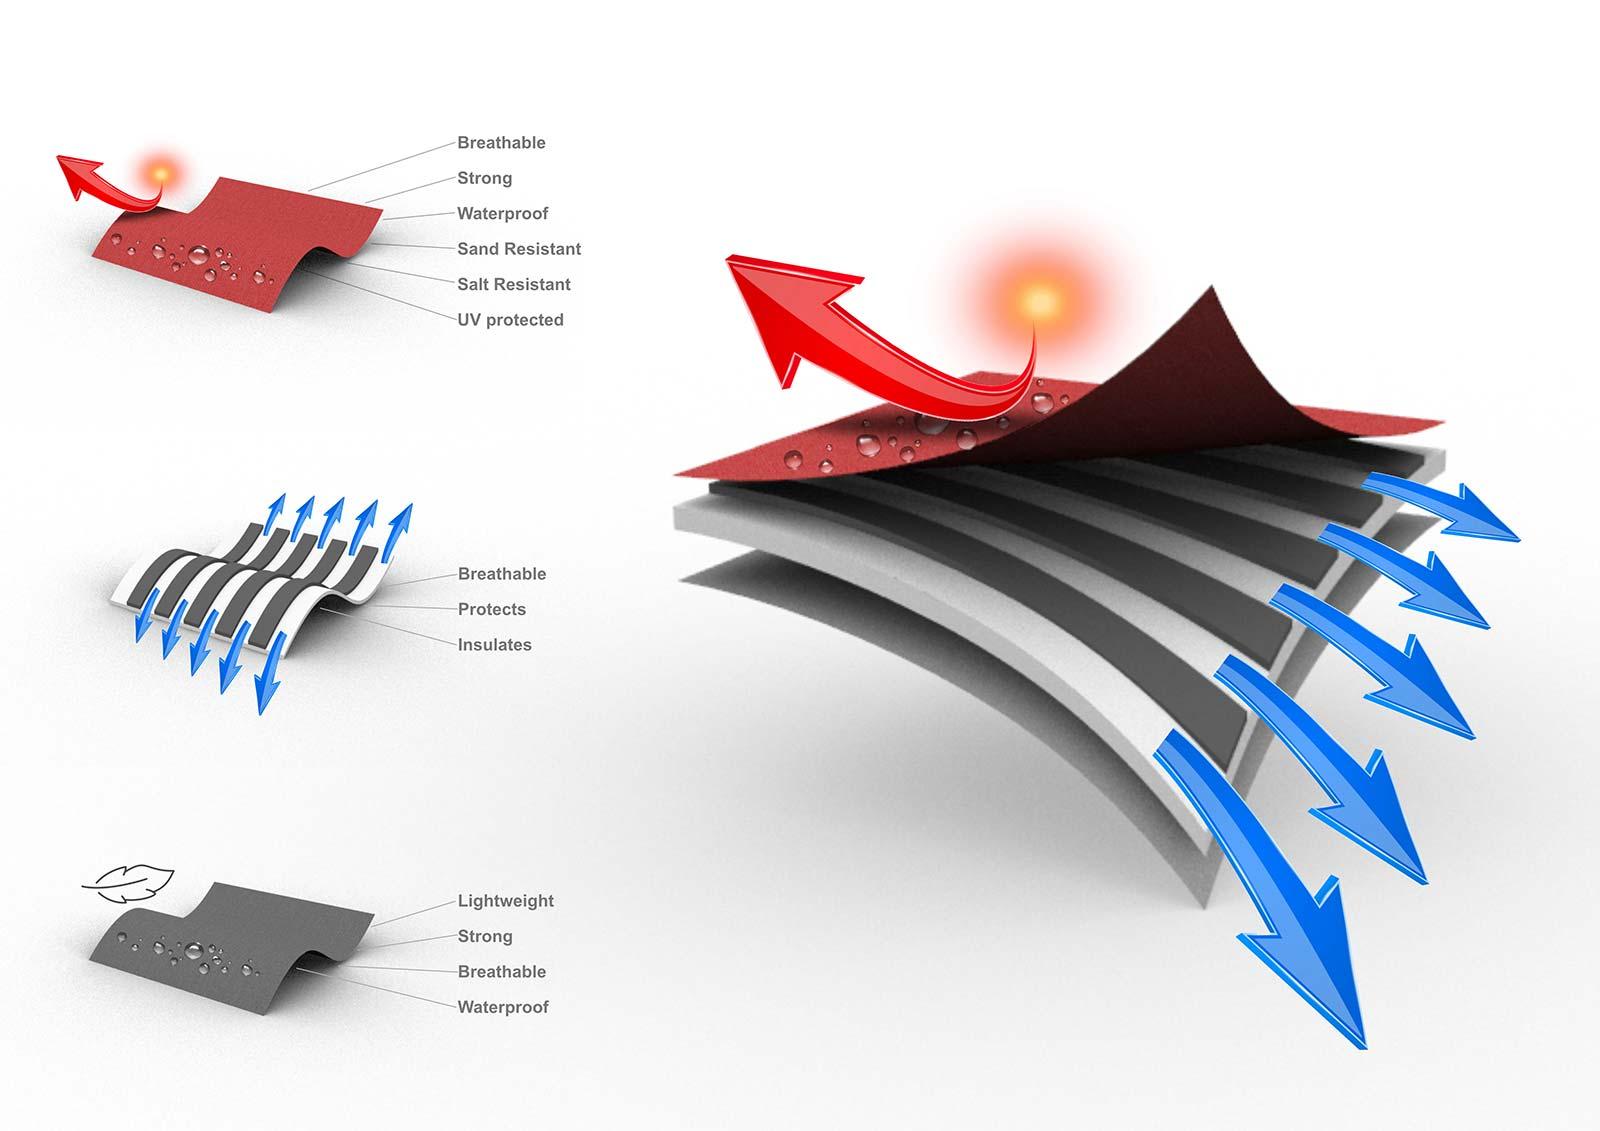 Design & Materials